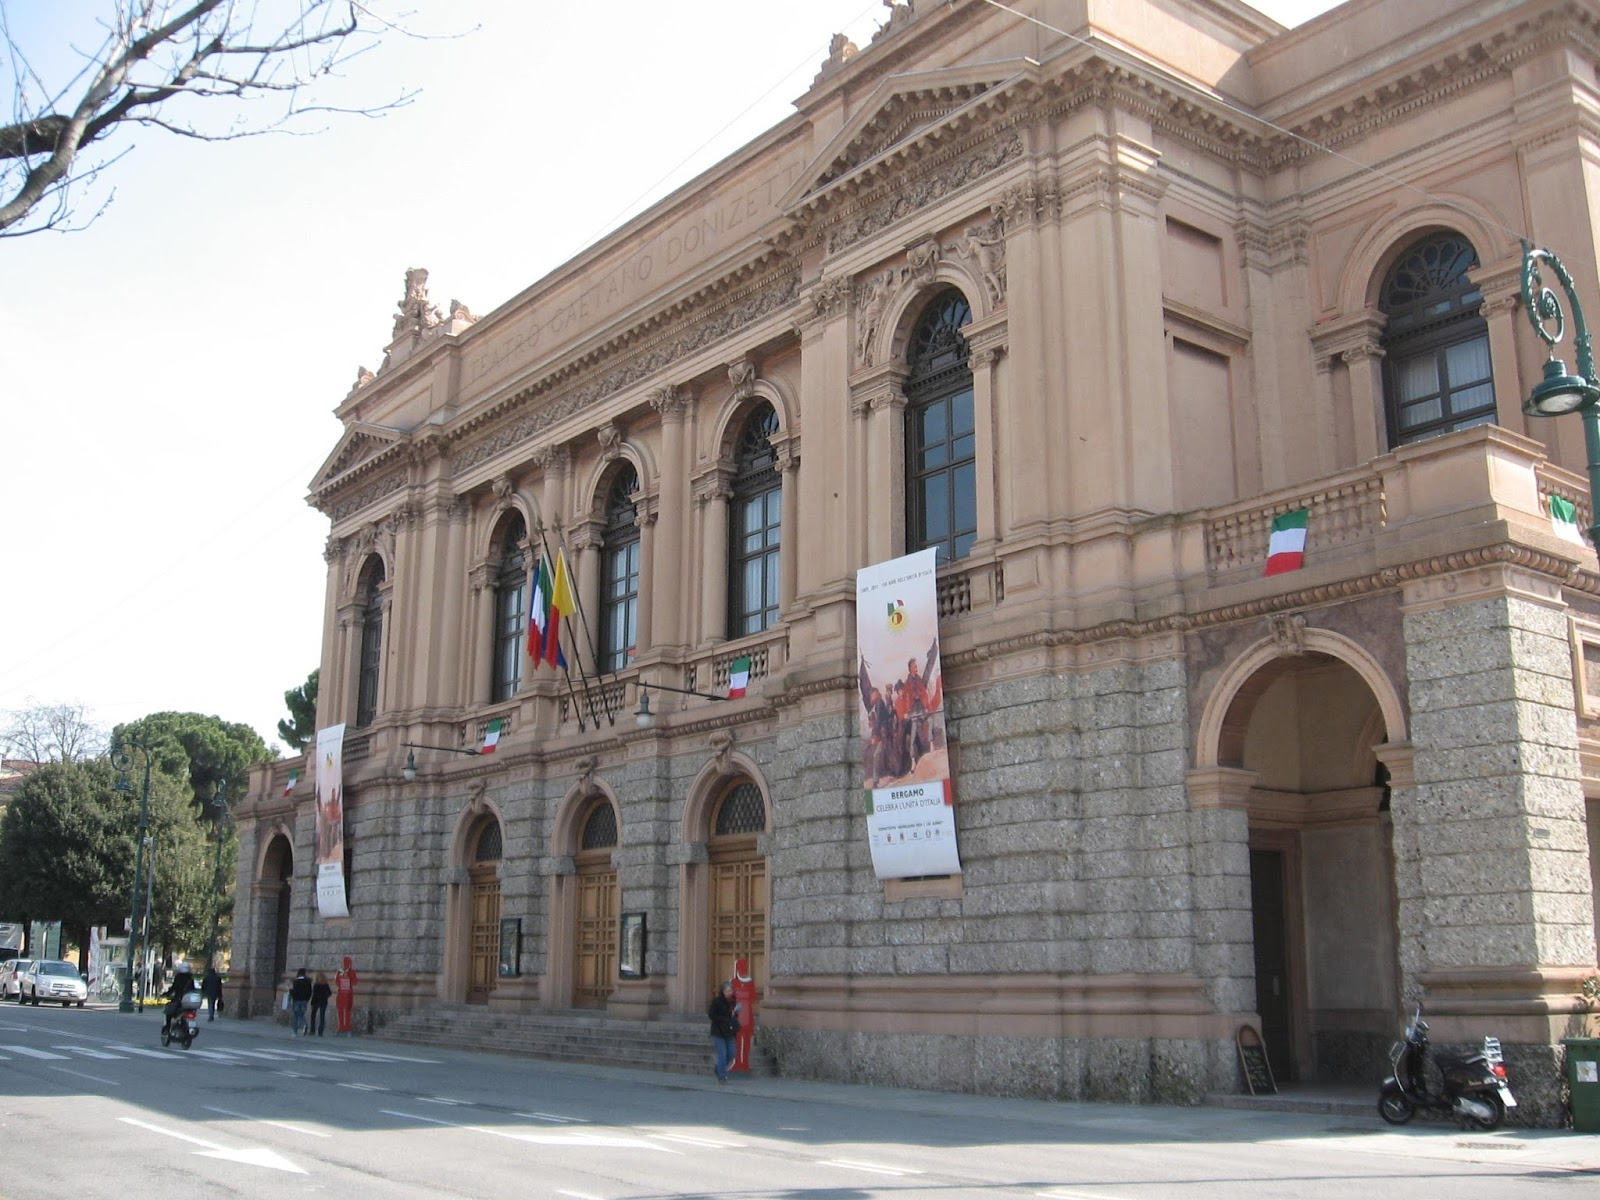 Informazione di bergamo lombardia italia citt teatro for Mercatini bergamo e provincia oggi